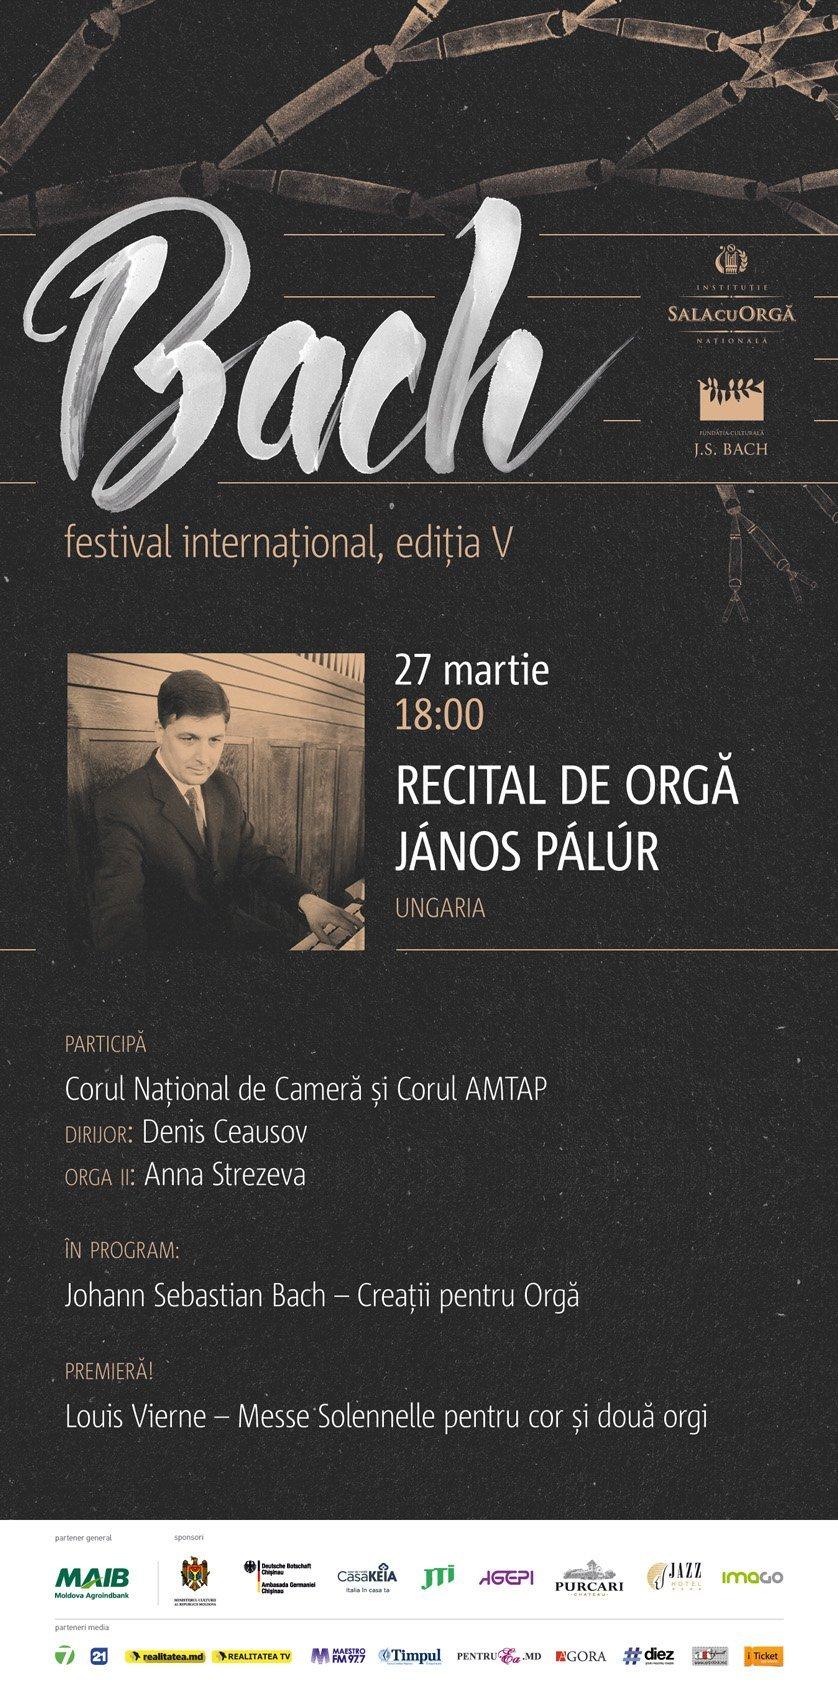 JANOS PALUR cu recital de orga